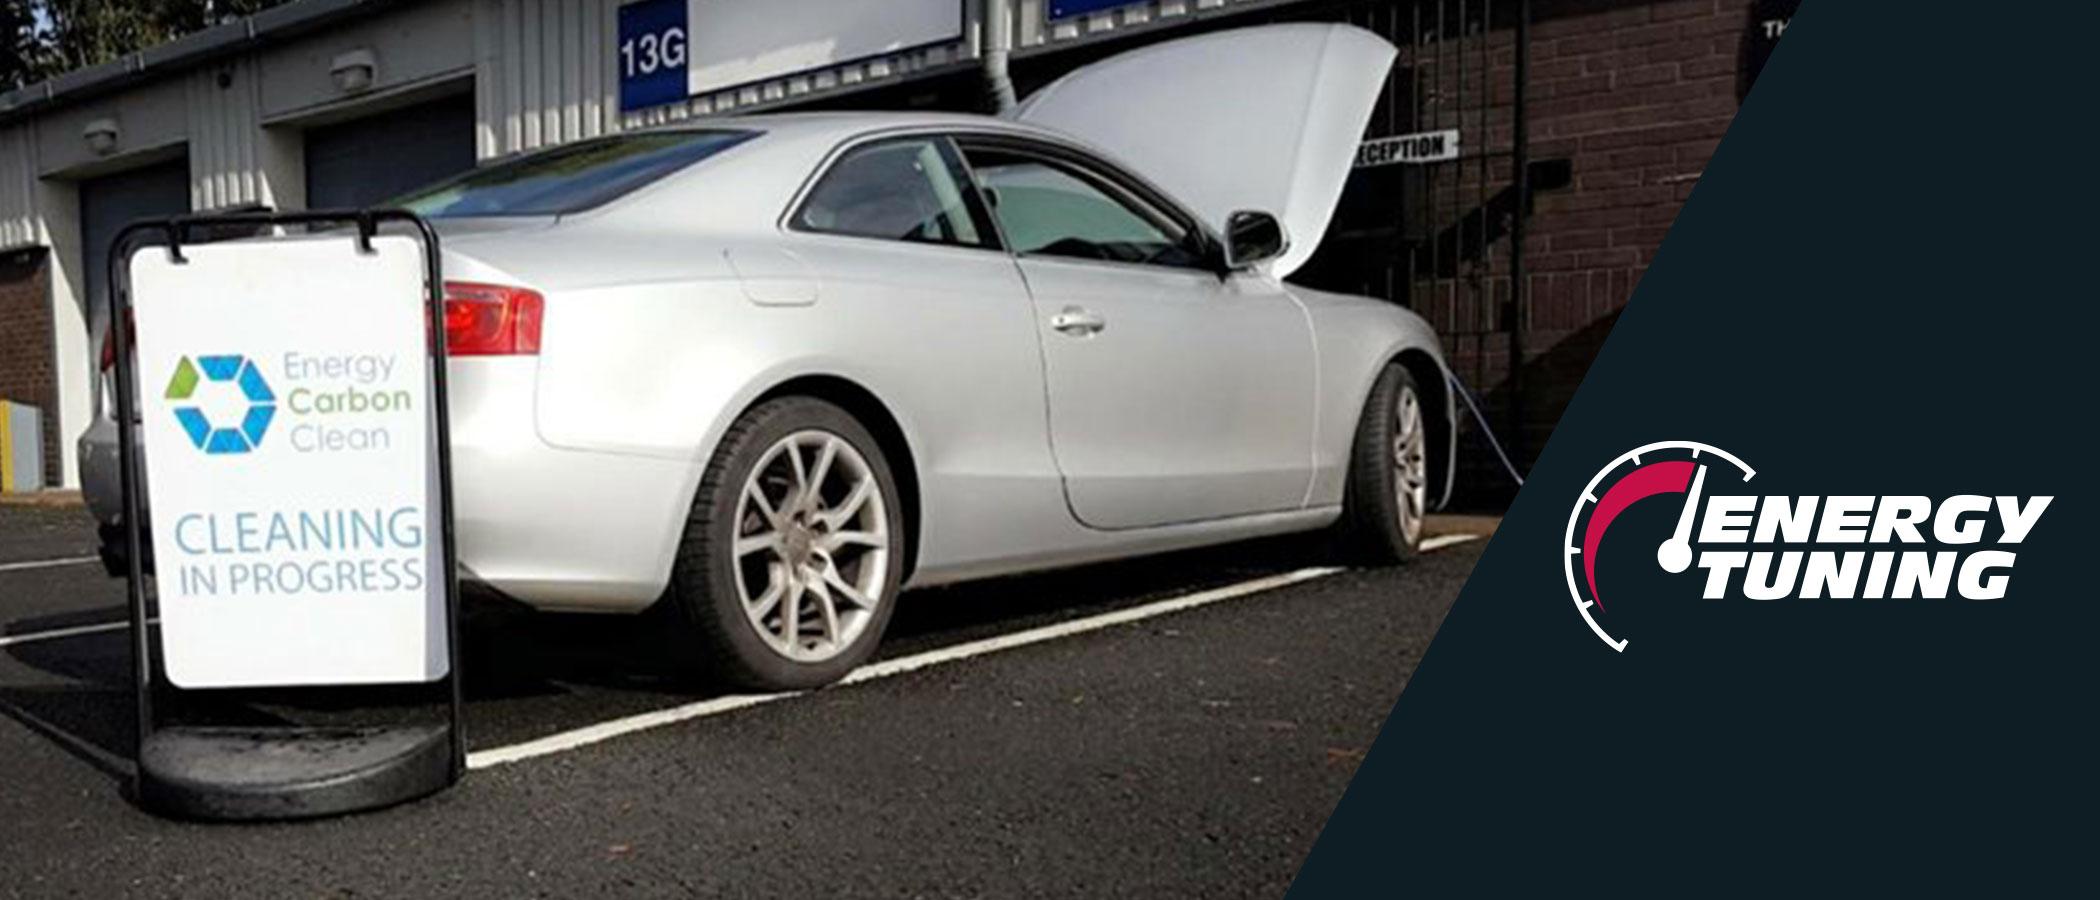 Audi Carbon Clean